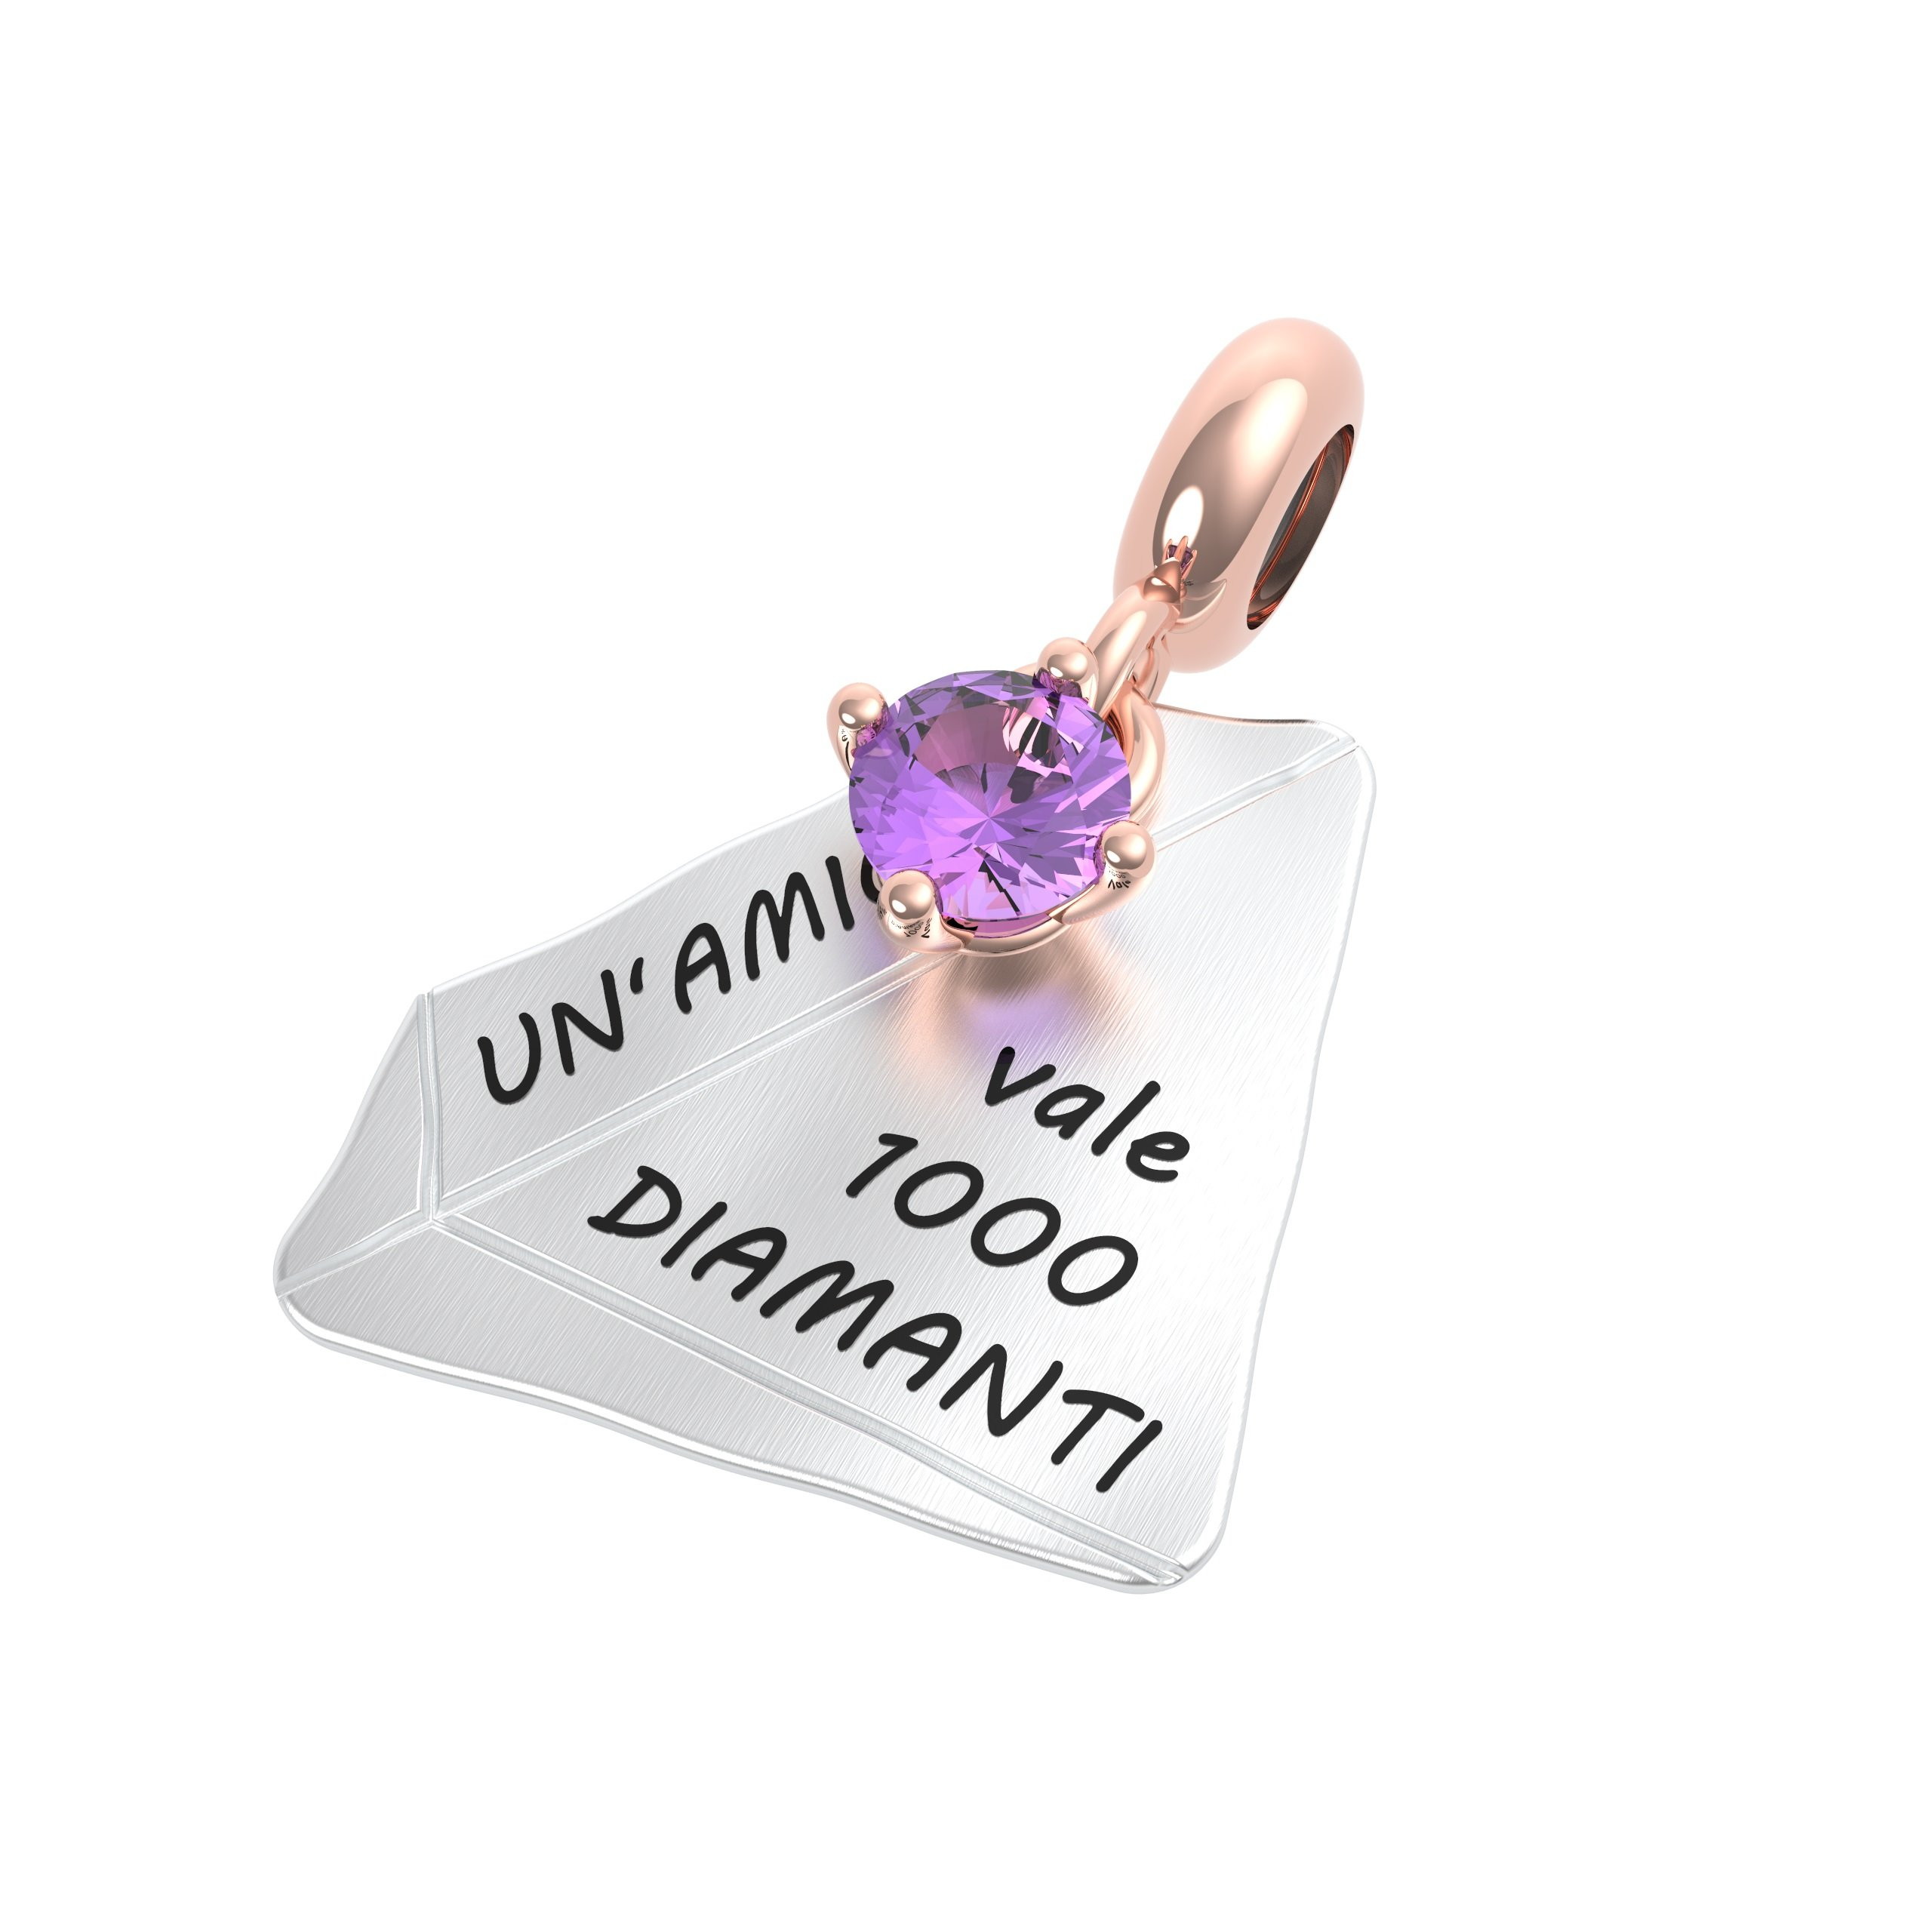 RERUM, Un'amica vale 1000 diamanti